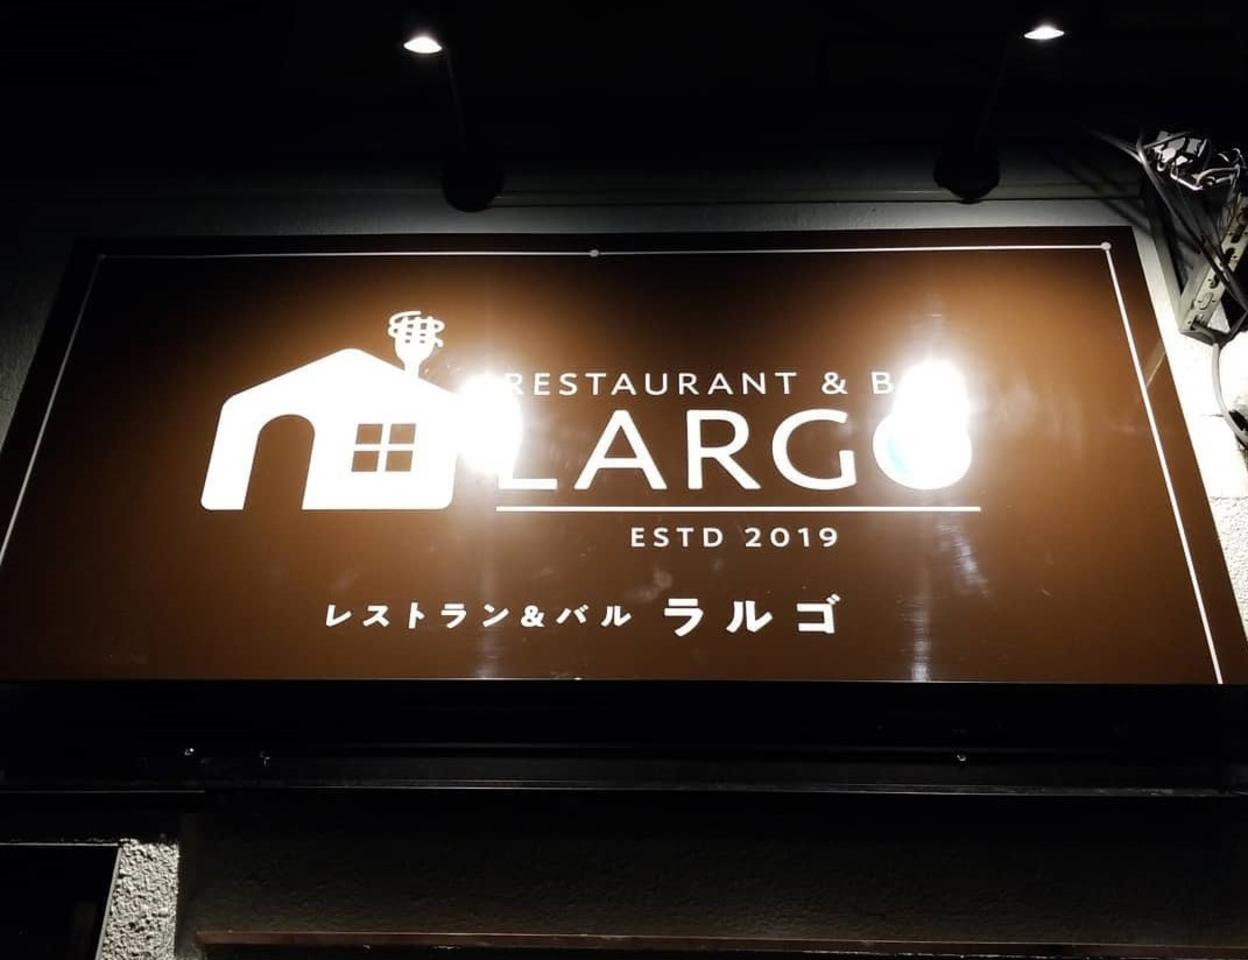 たまには休むのも...大阪府高槻市登町にレストラン&バル「ラルゴ」本日グランドオープン